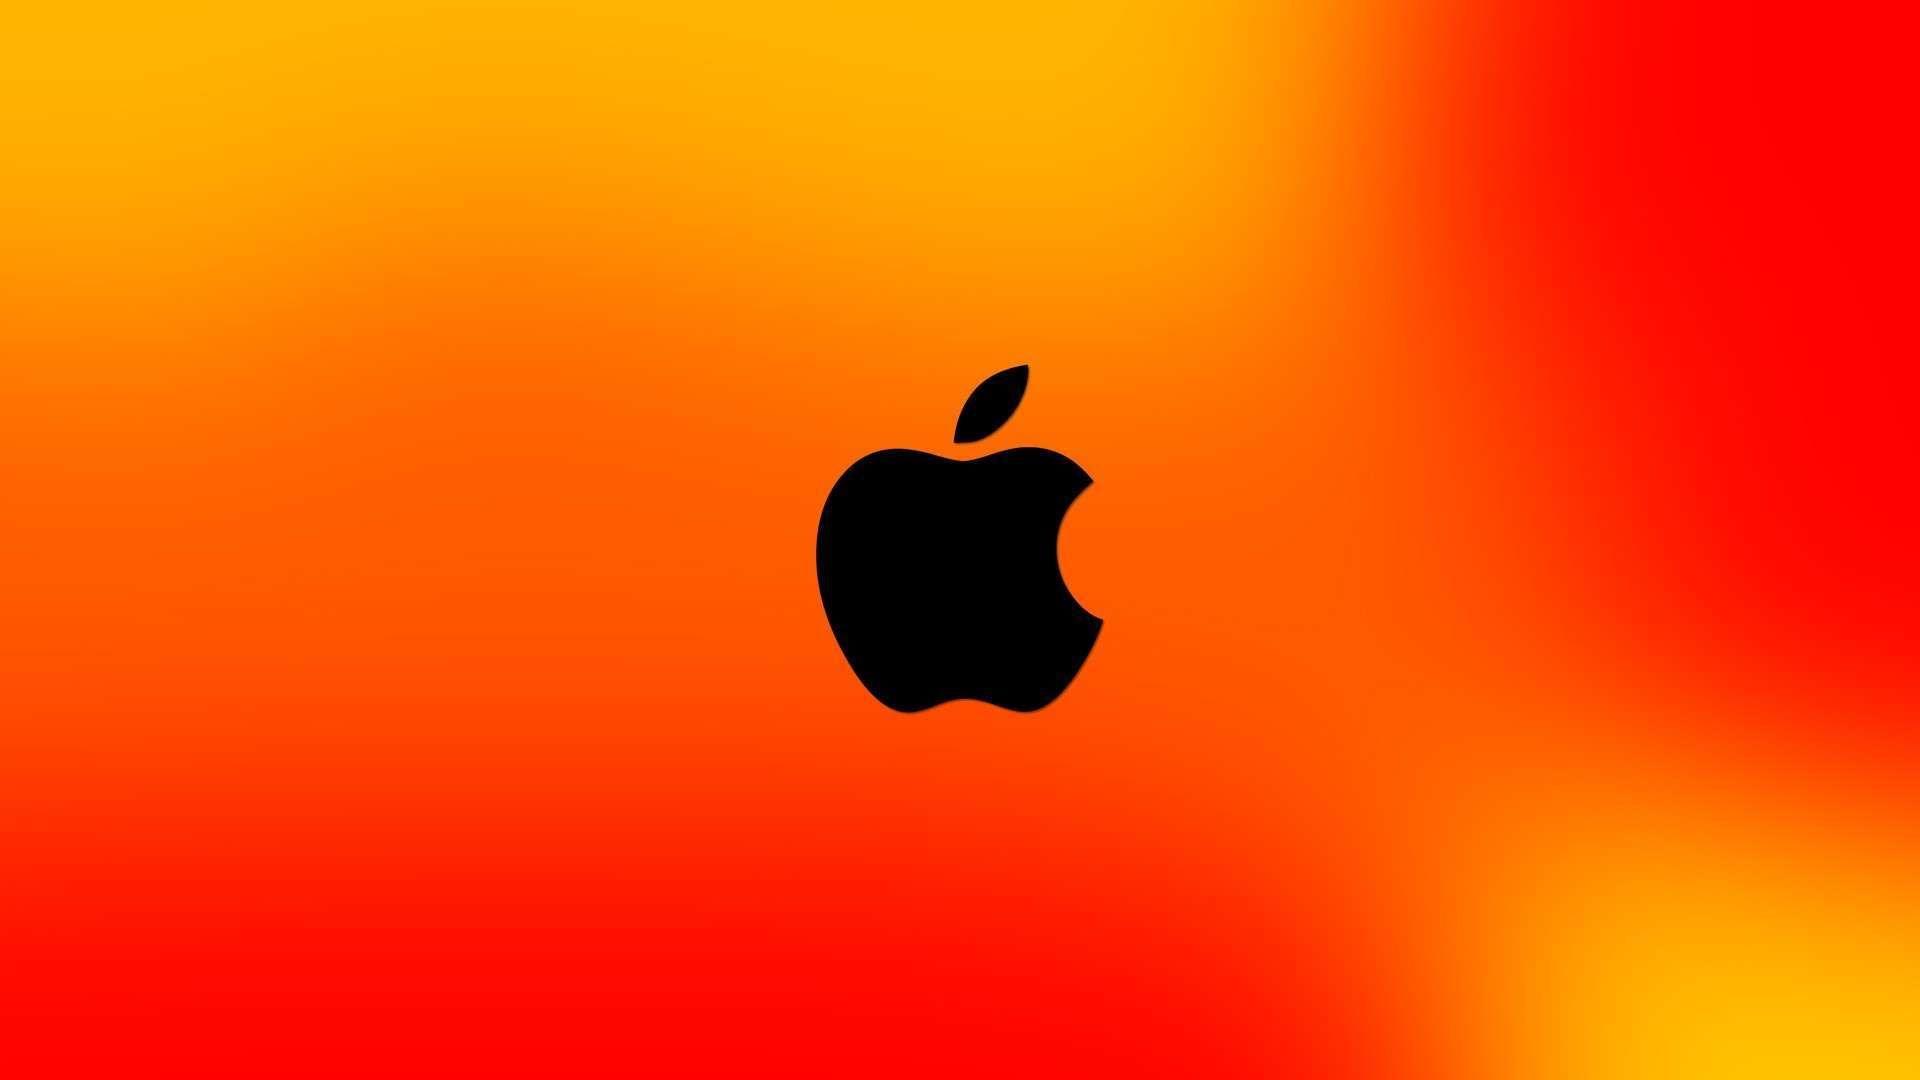 apple logo wallpaper for laptop